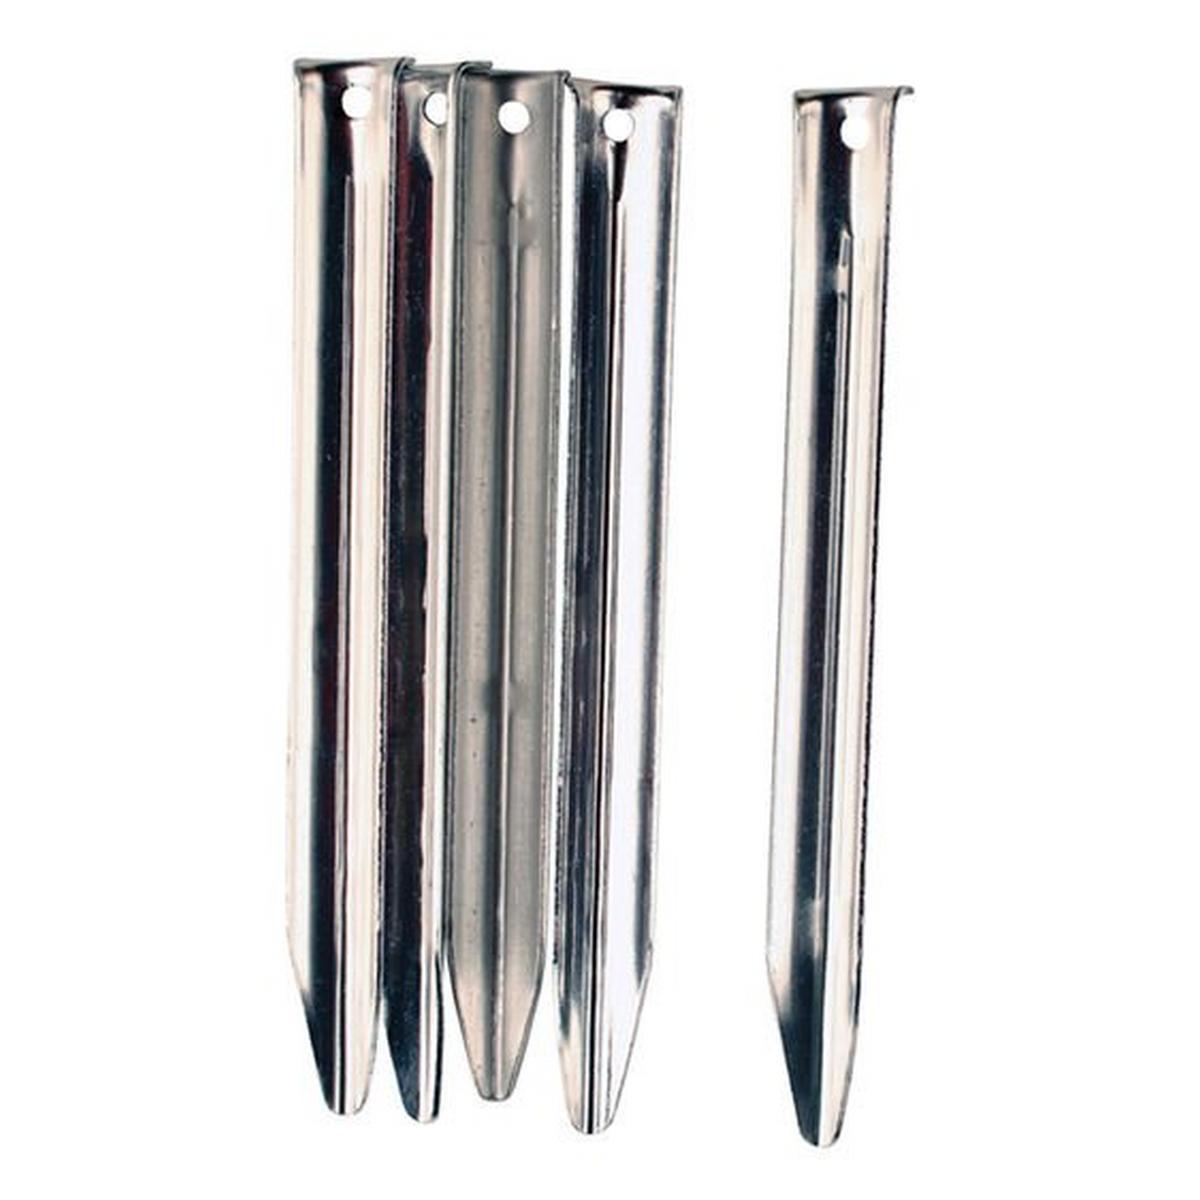 Vango Steel V Peg 5-Pack - Metal